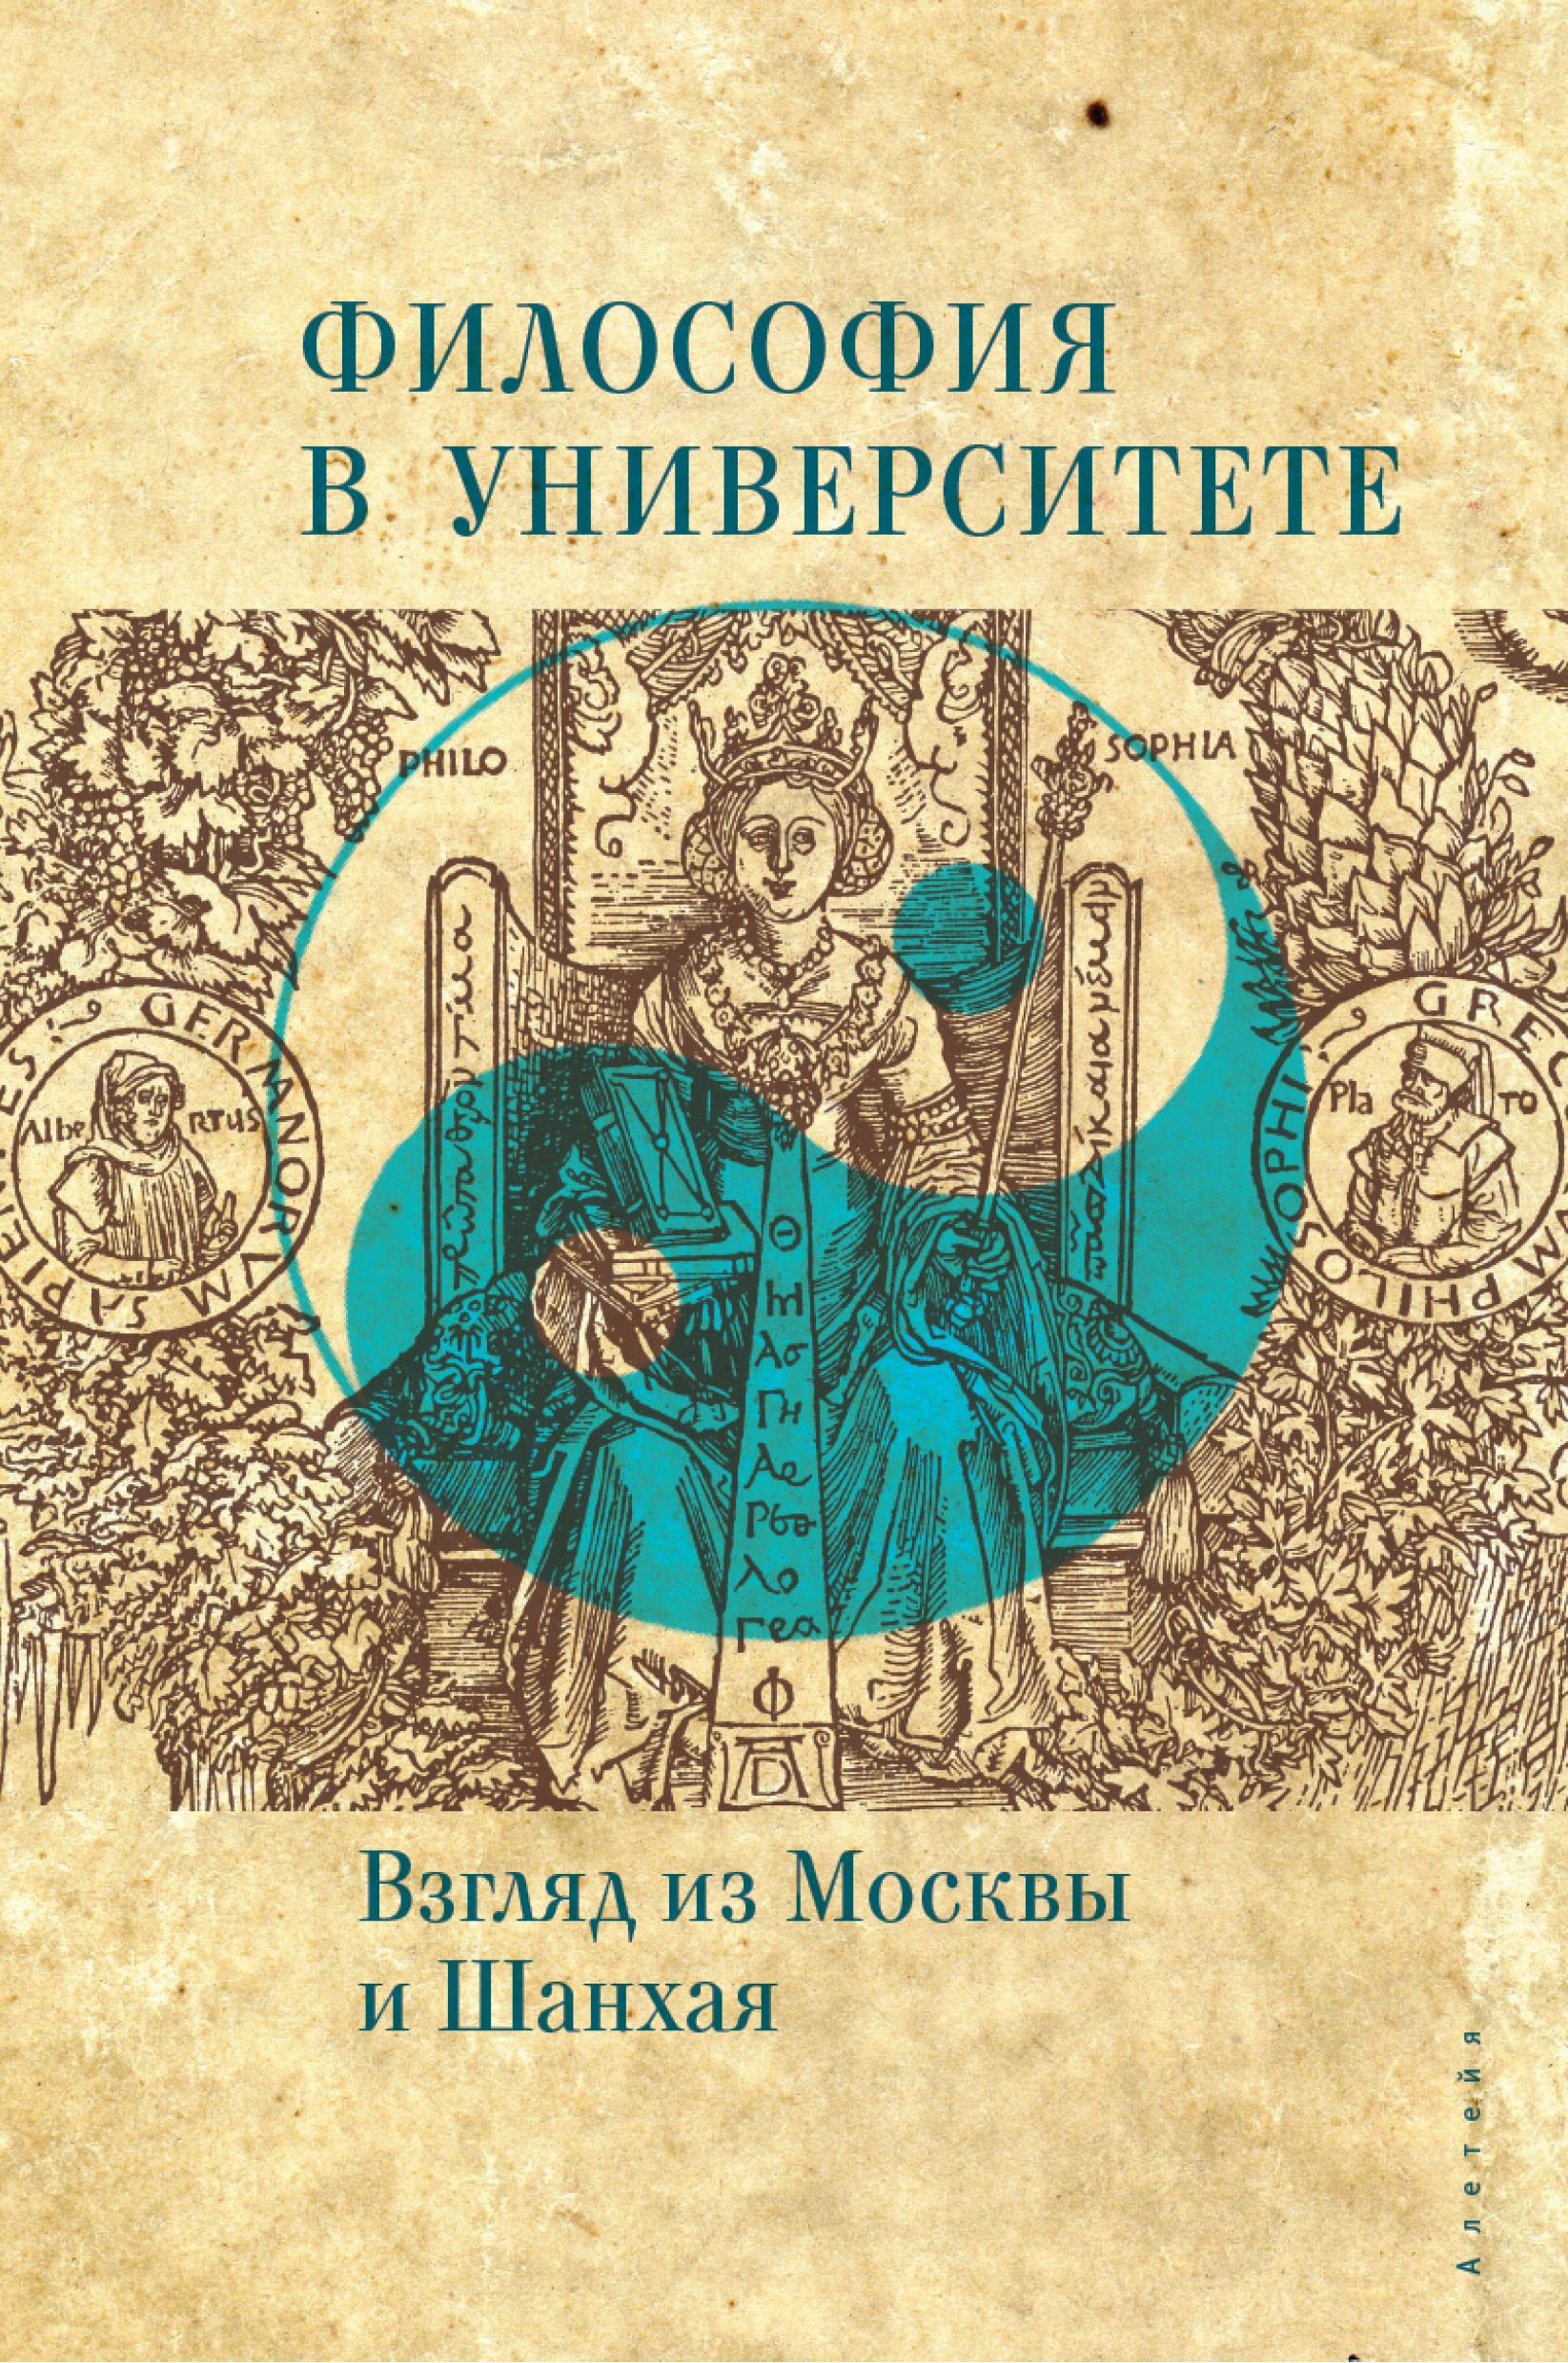 Философия в университете. Взгляд из Москвы и Шанхая